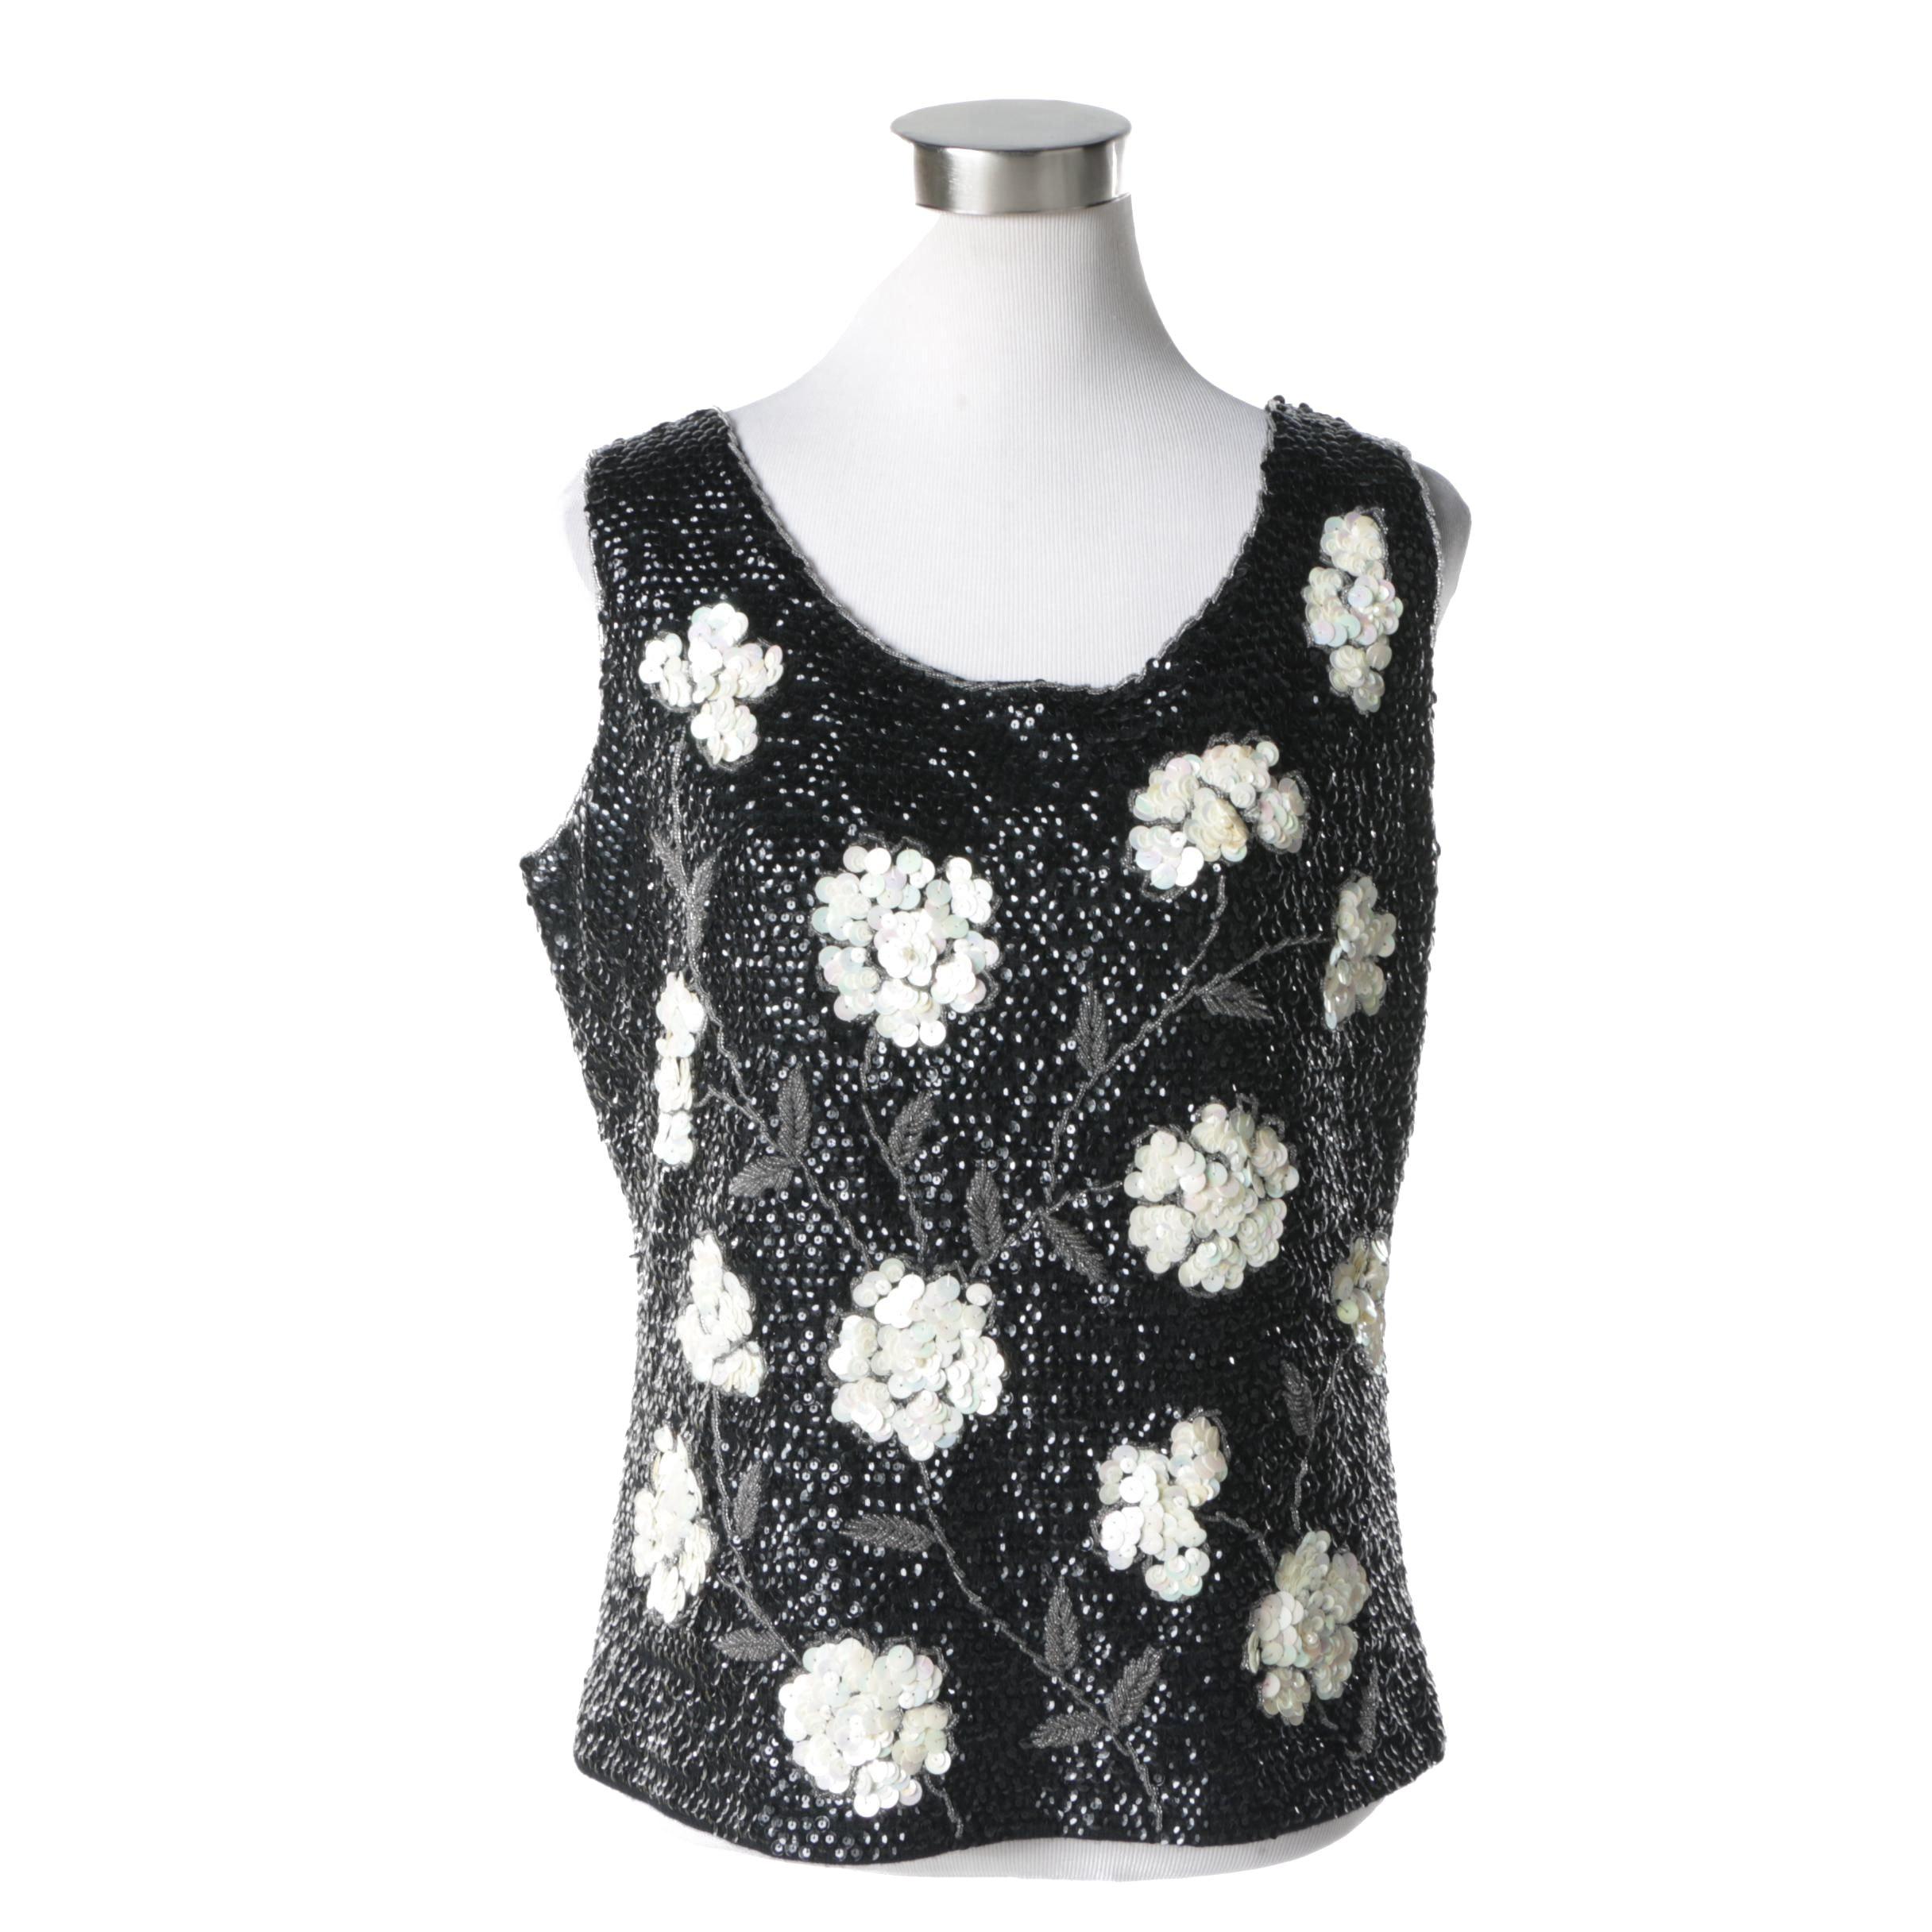 Vintage Floral Embellished Wool Shell Tank Top